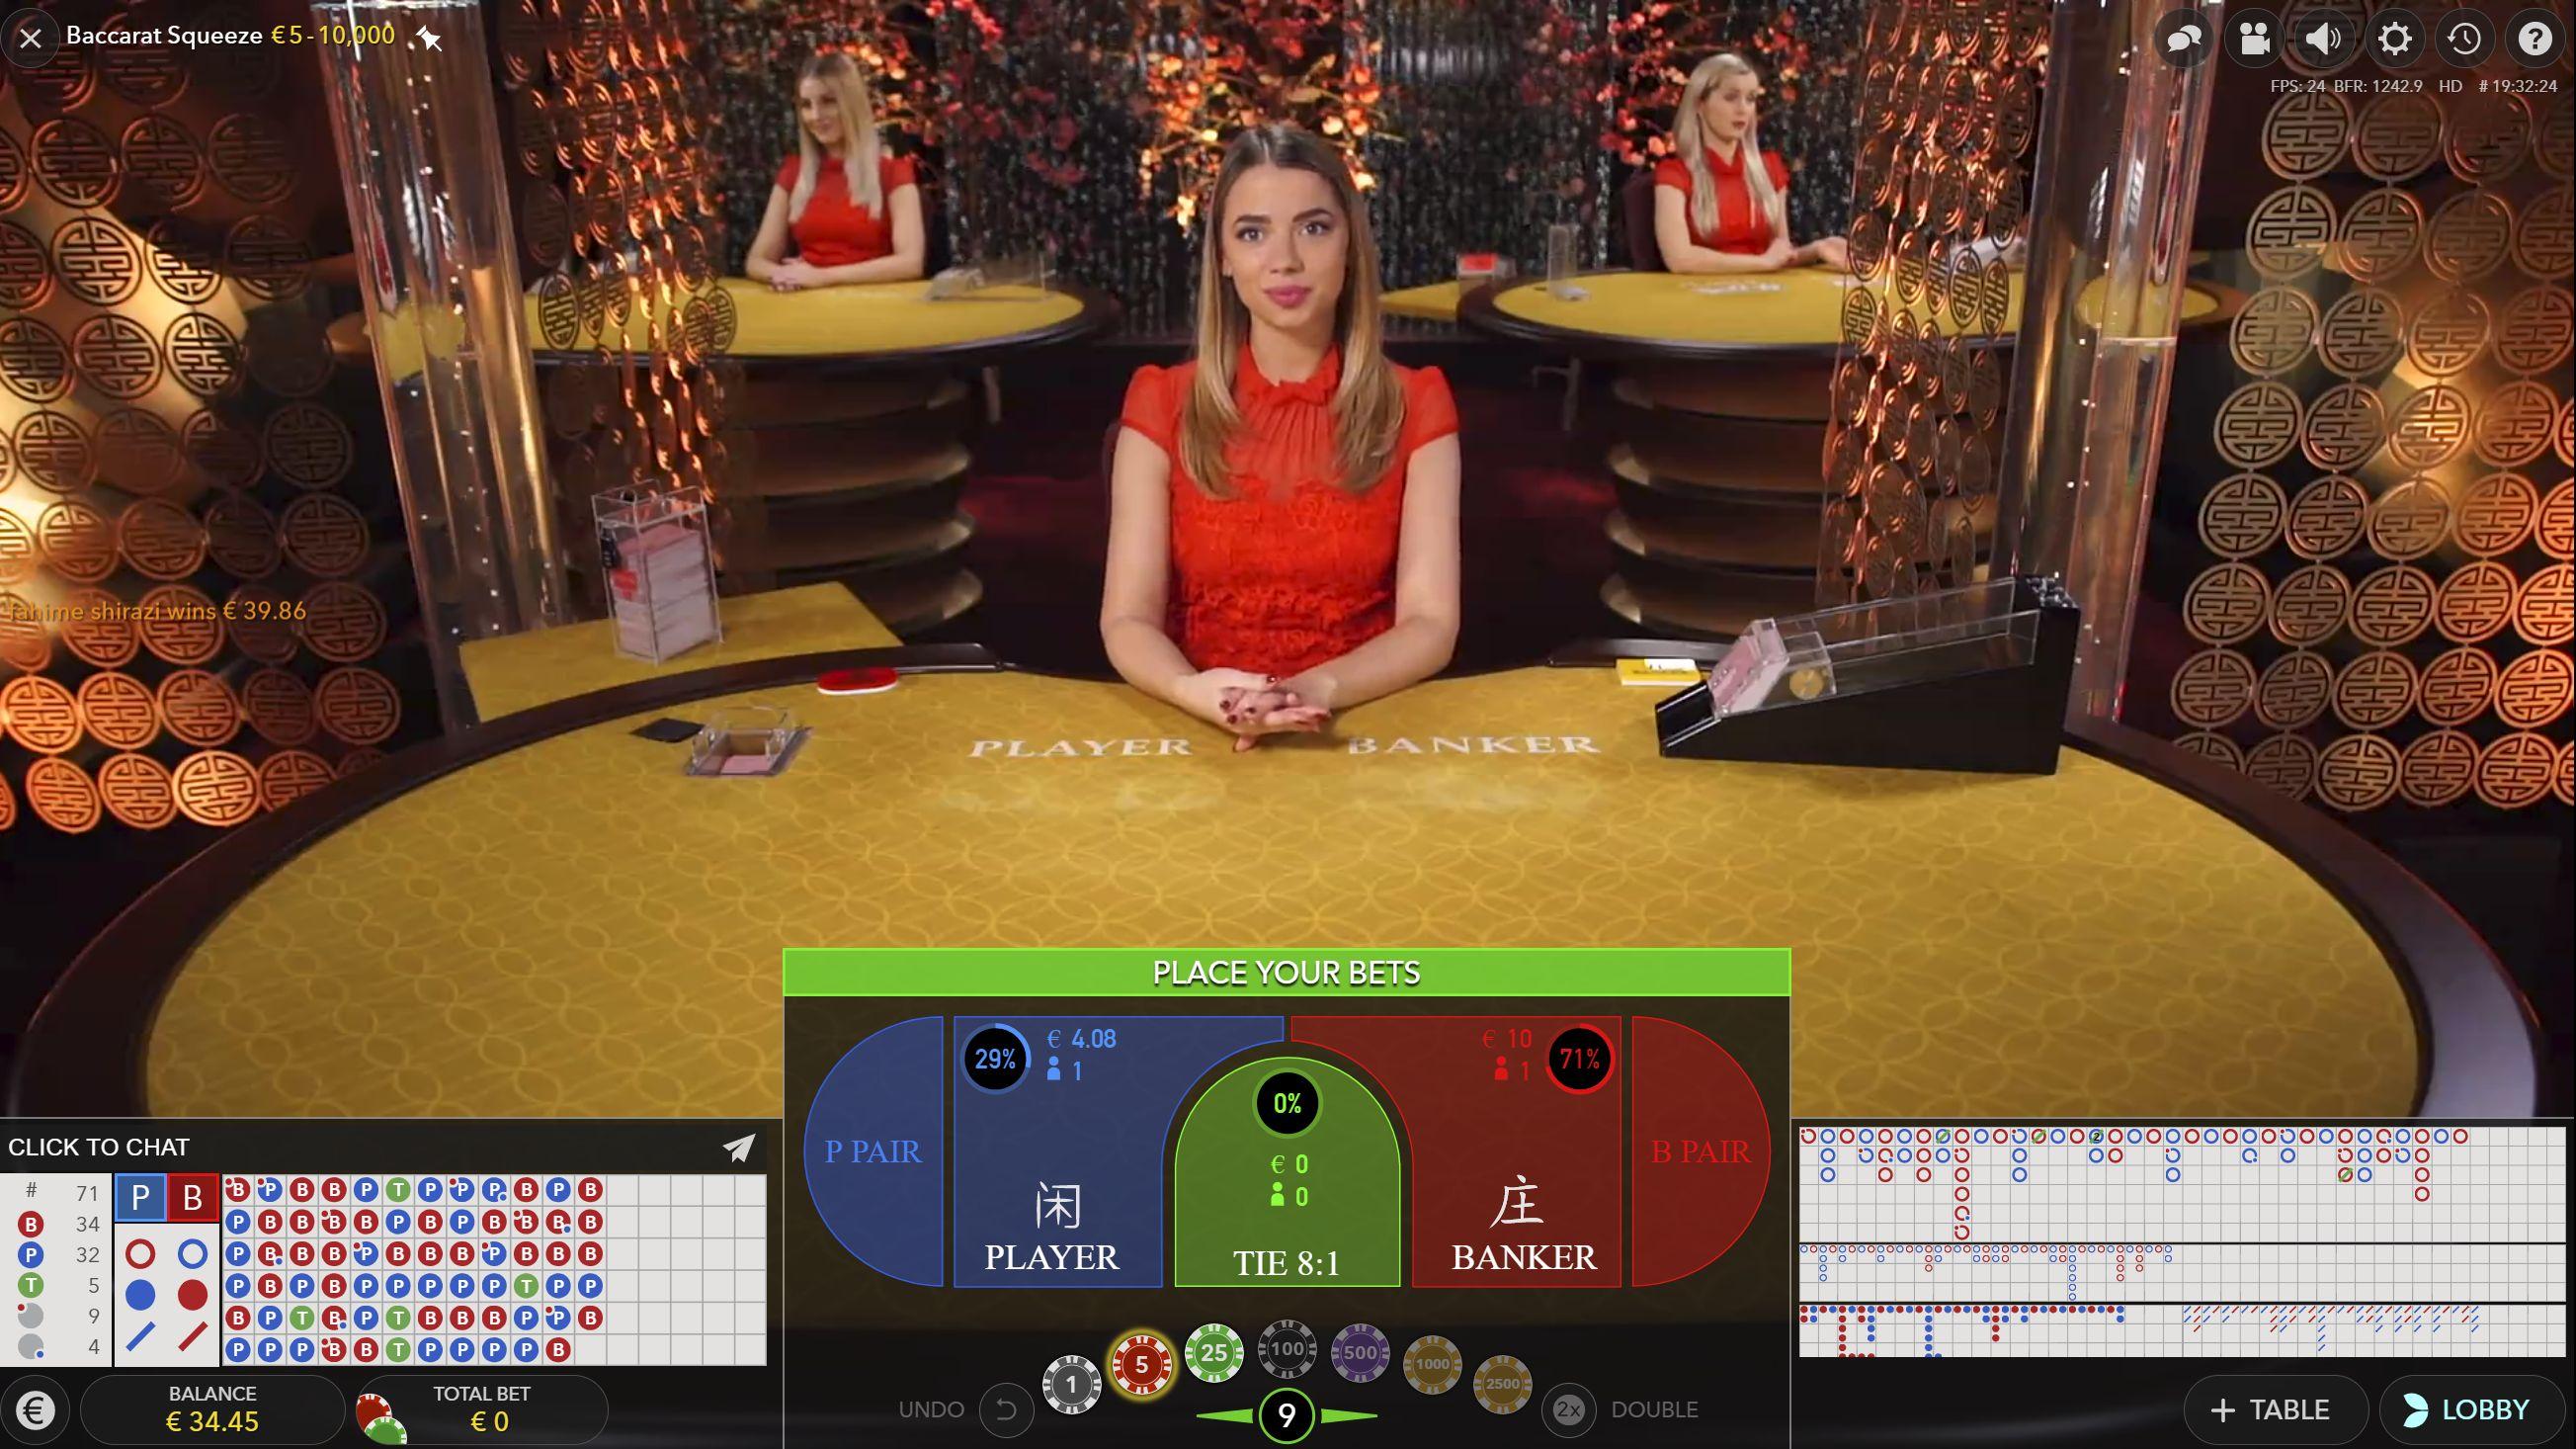 Casino på nett baccarat regler